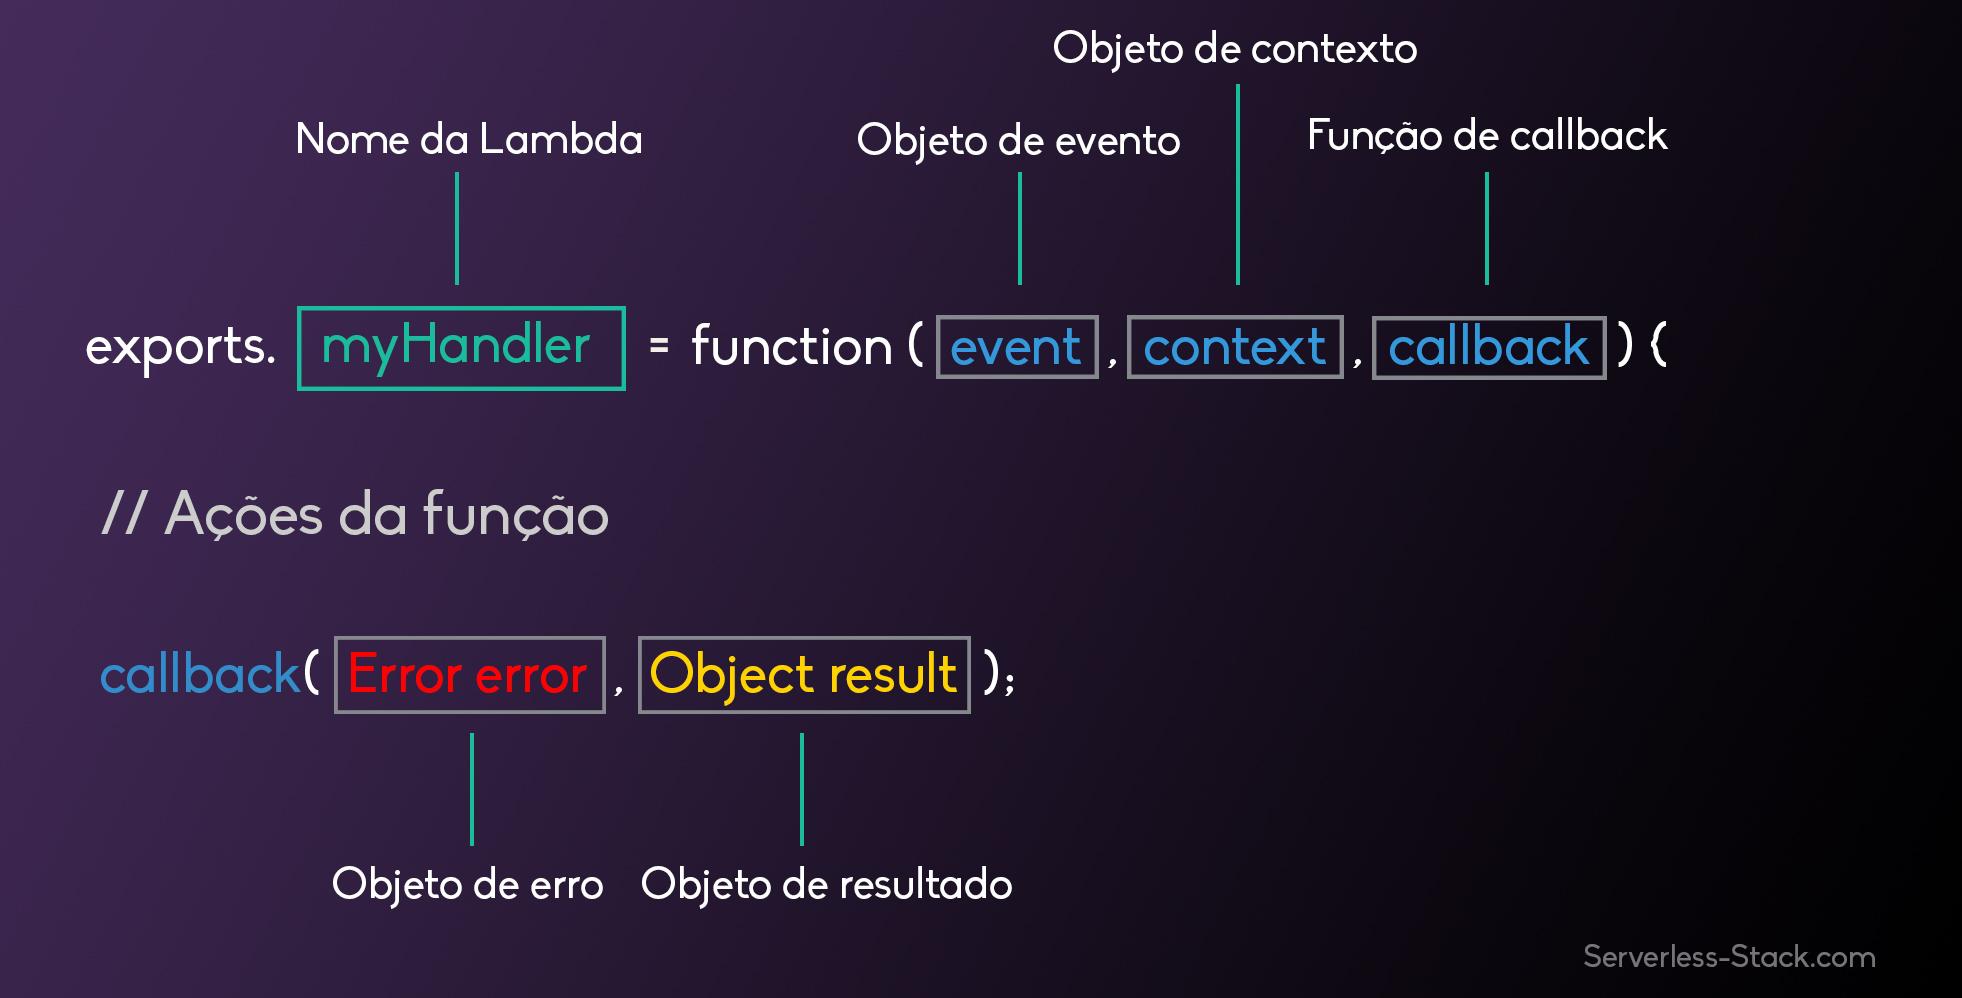 Imagem da anatomia da função Lambda